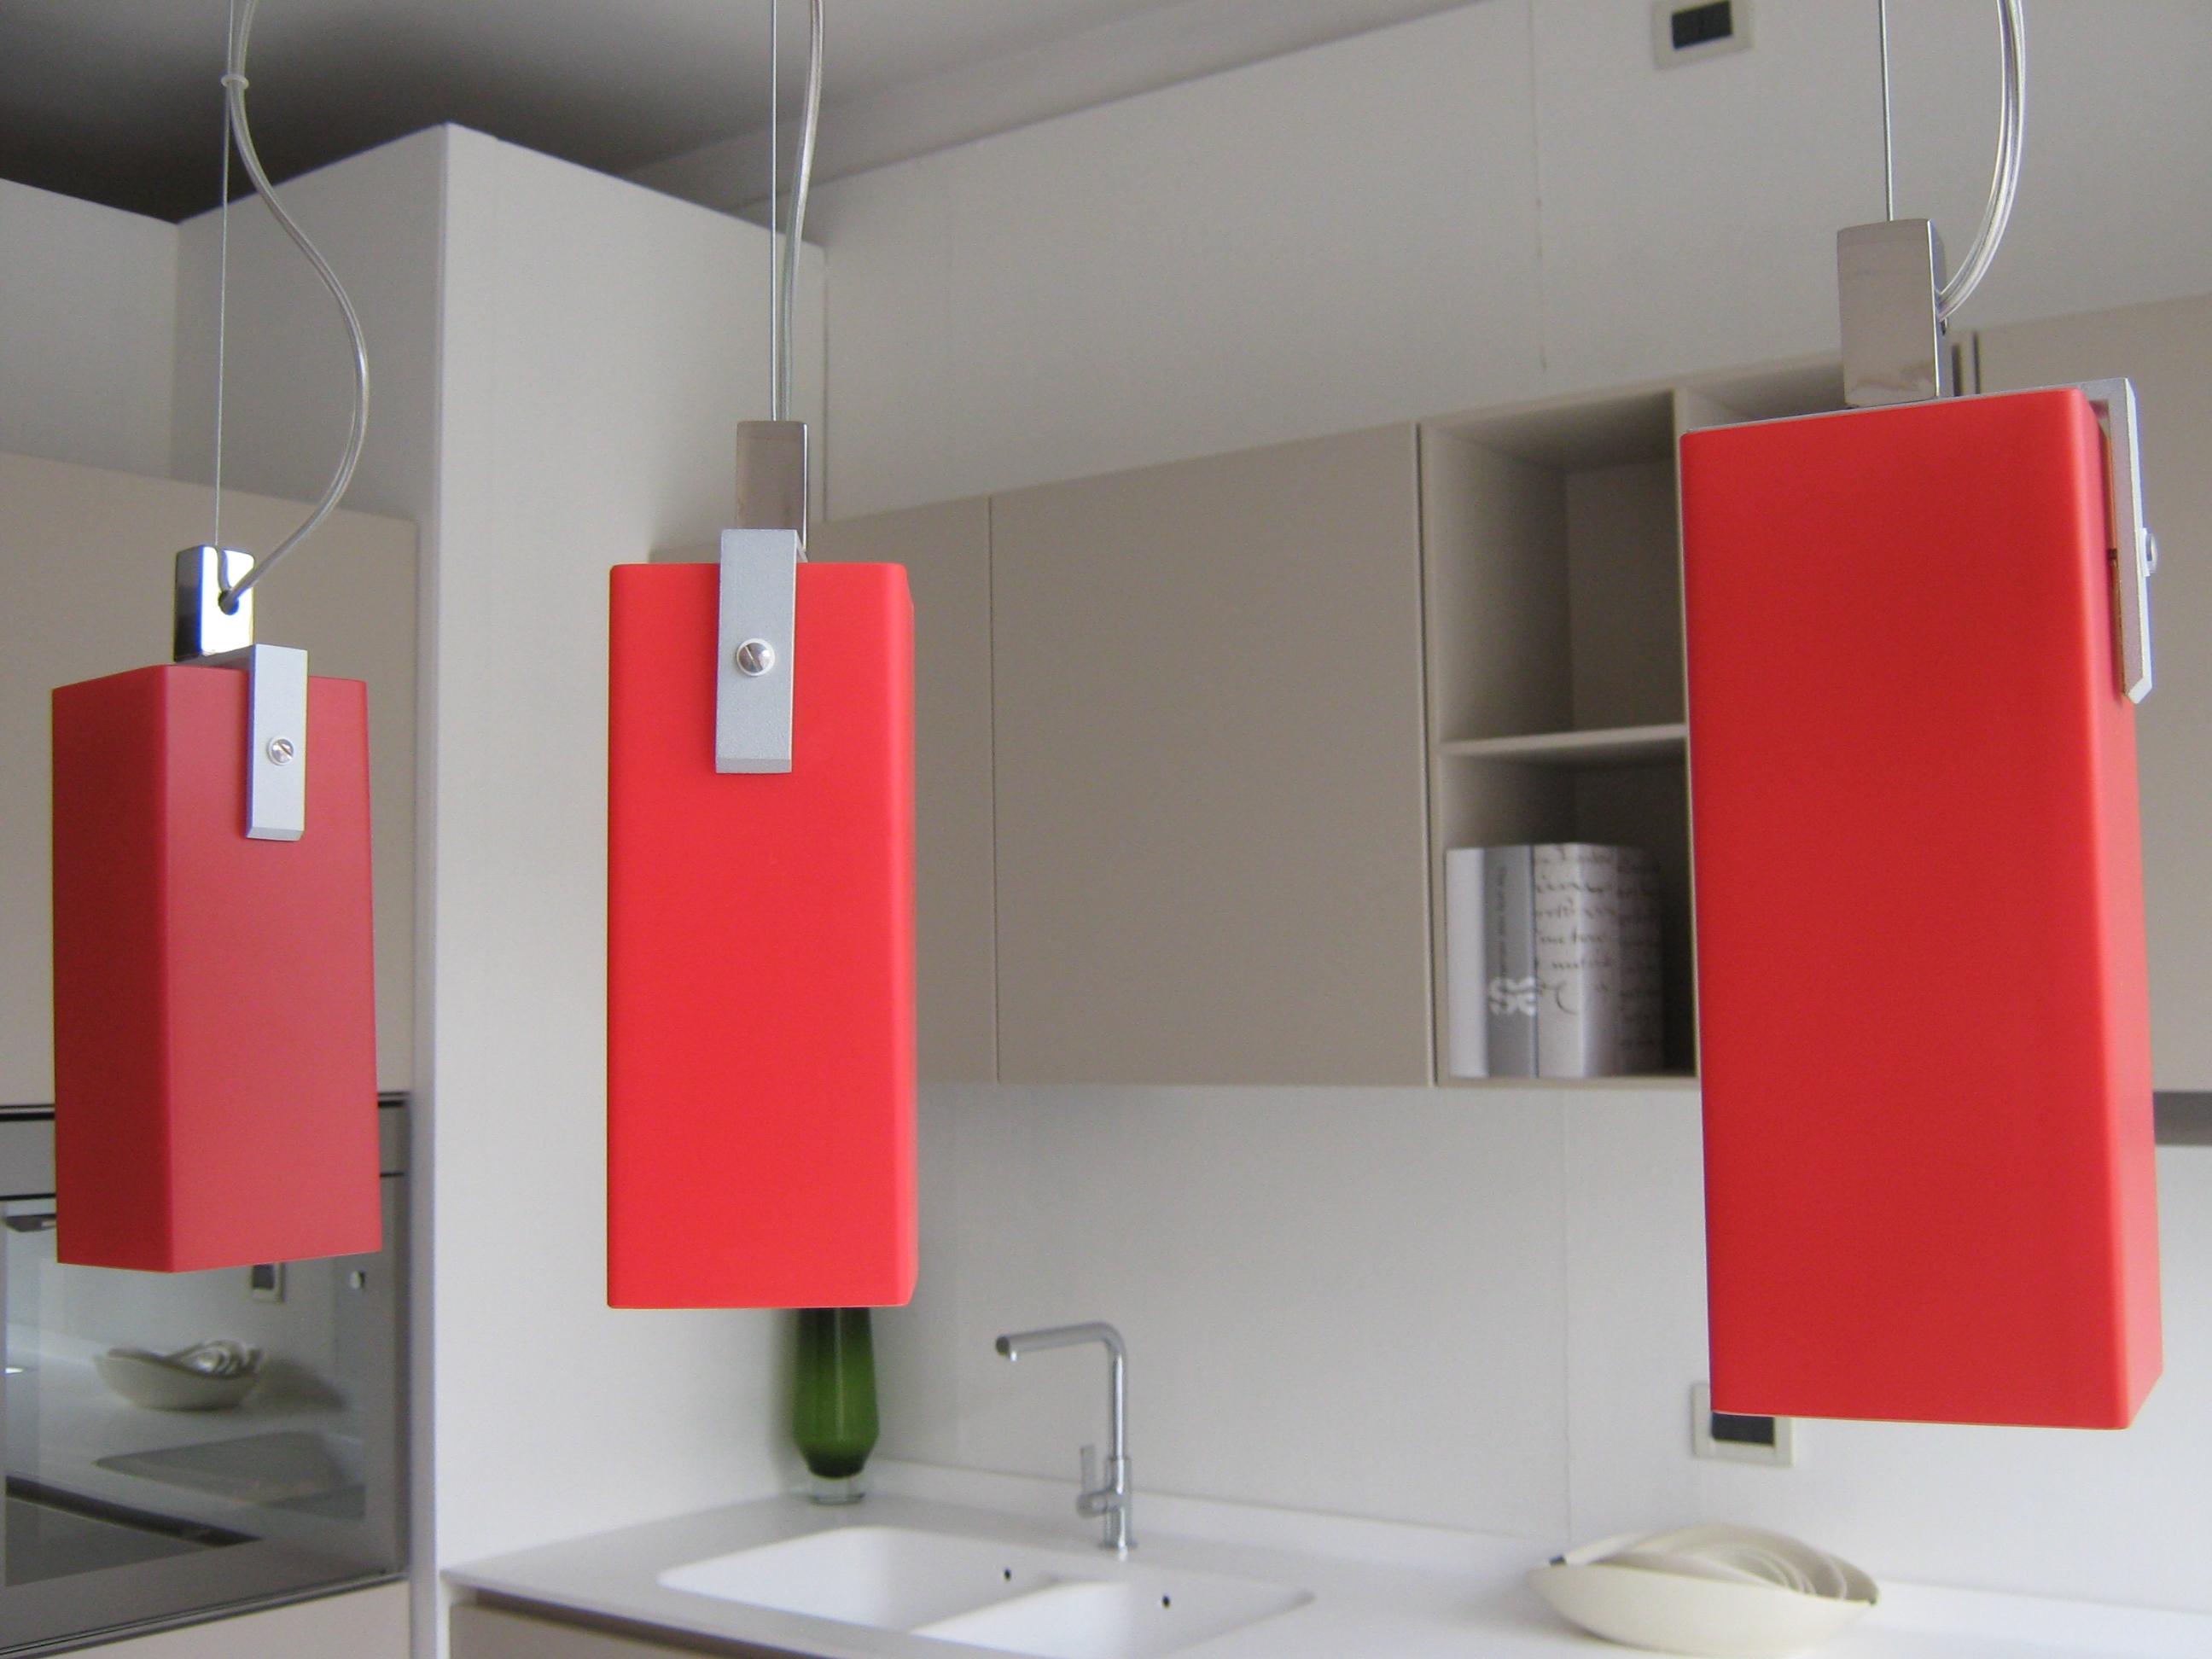 Lampade tonin outlet illuminazione a prezzi scontati for Casa outlet